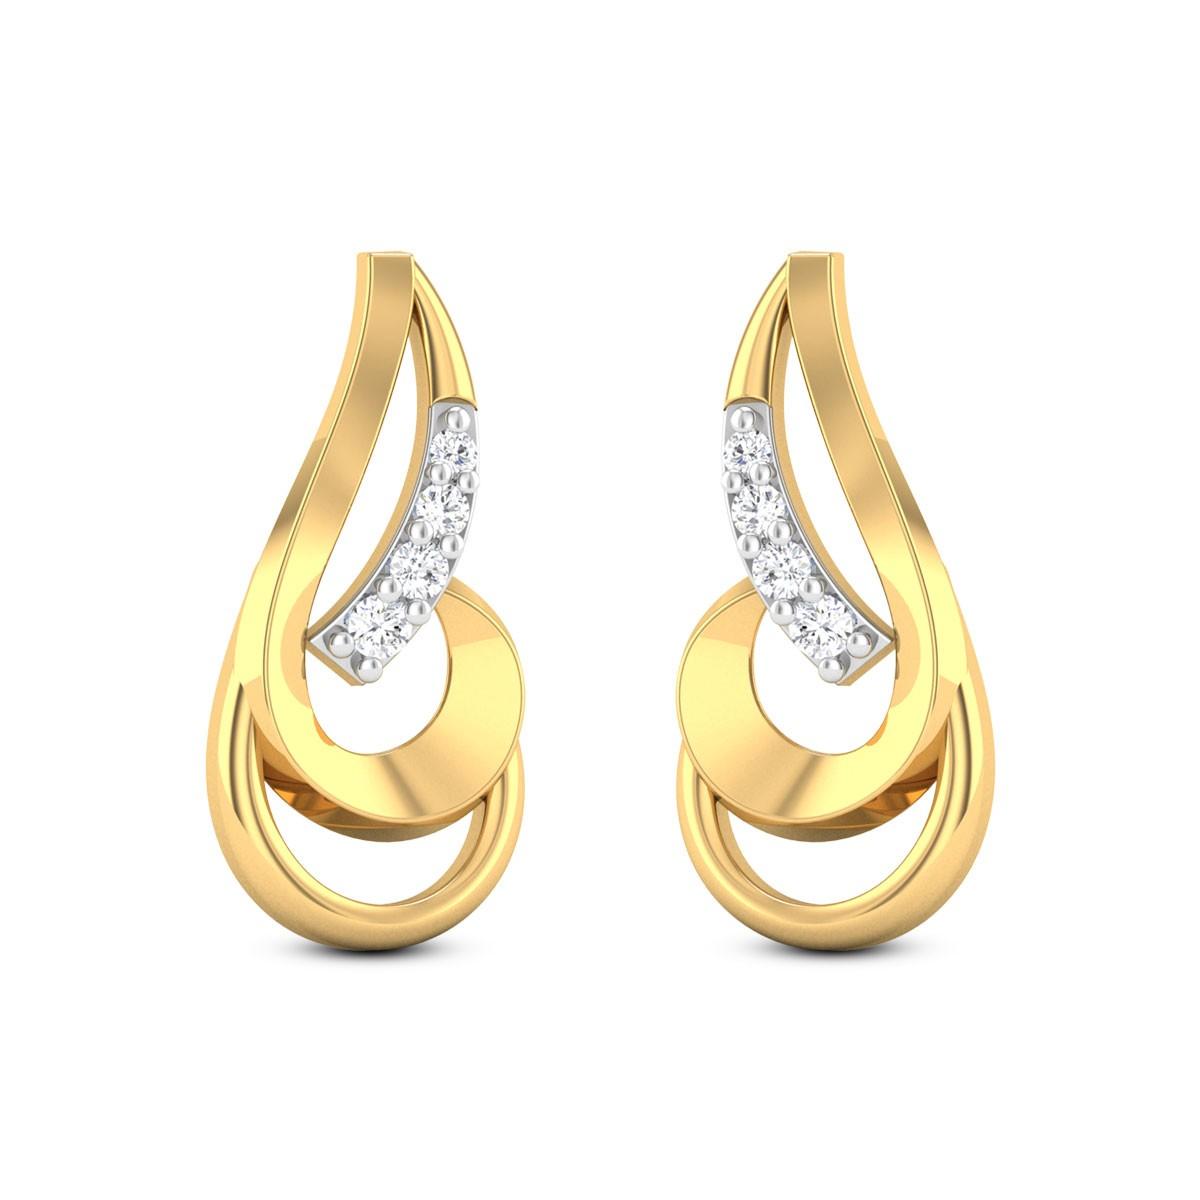 Posey Stud Earrings